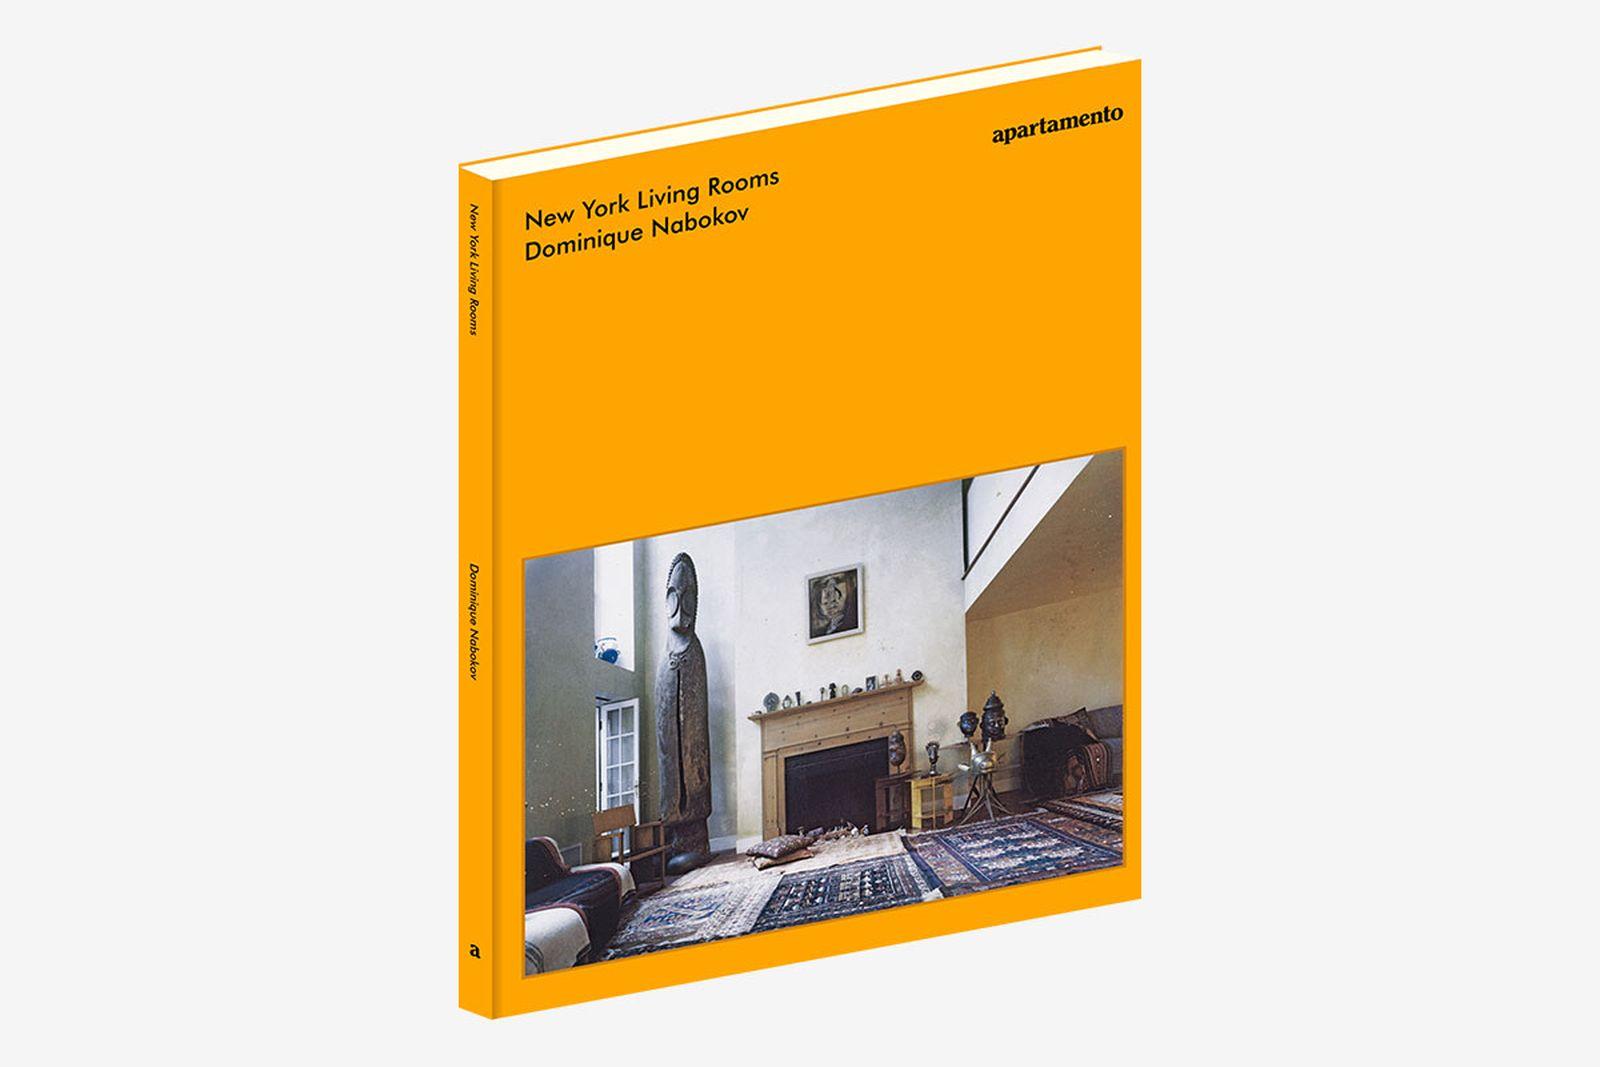 new-york-living-rooms-apartamento-01